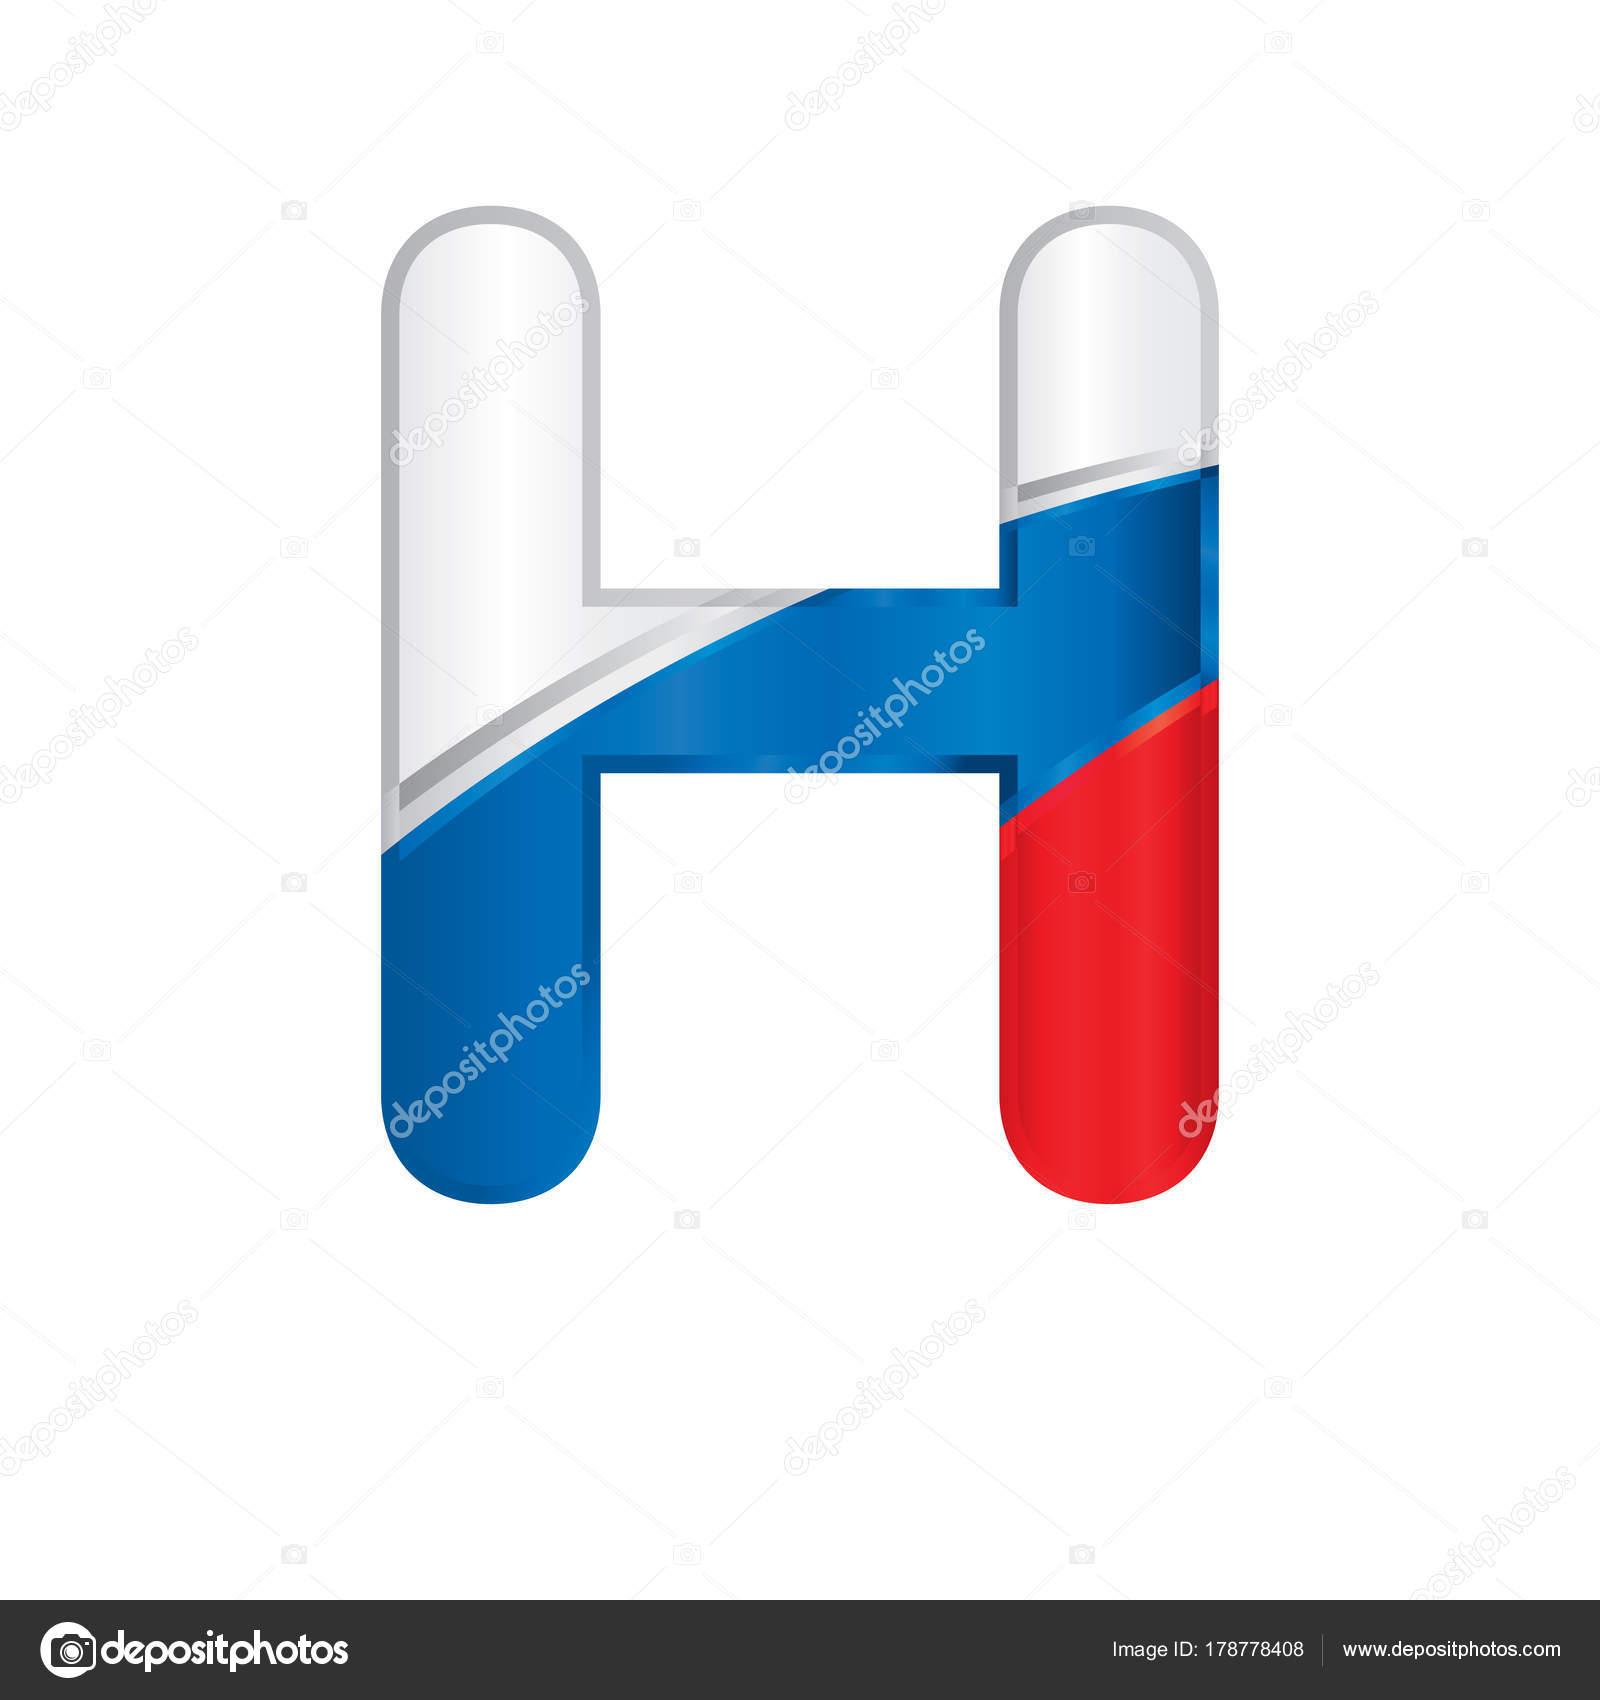 Buchstabe Bemalt Mit Den Farben Der Russischen Flagge Weiß